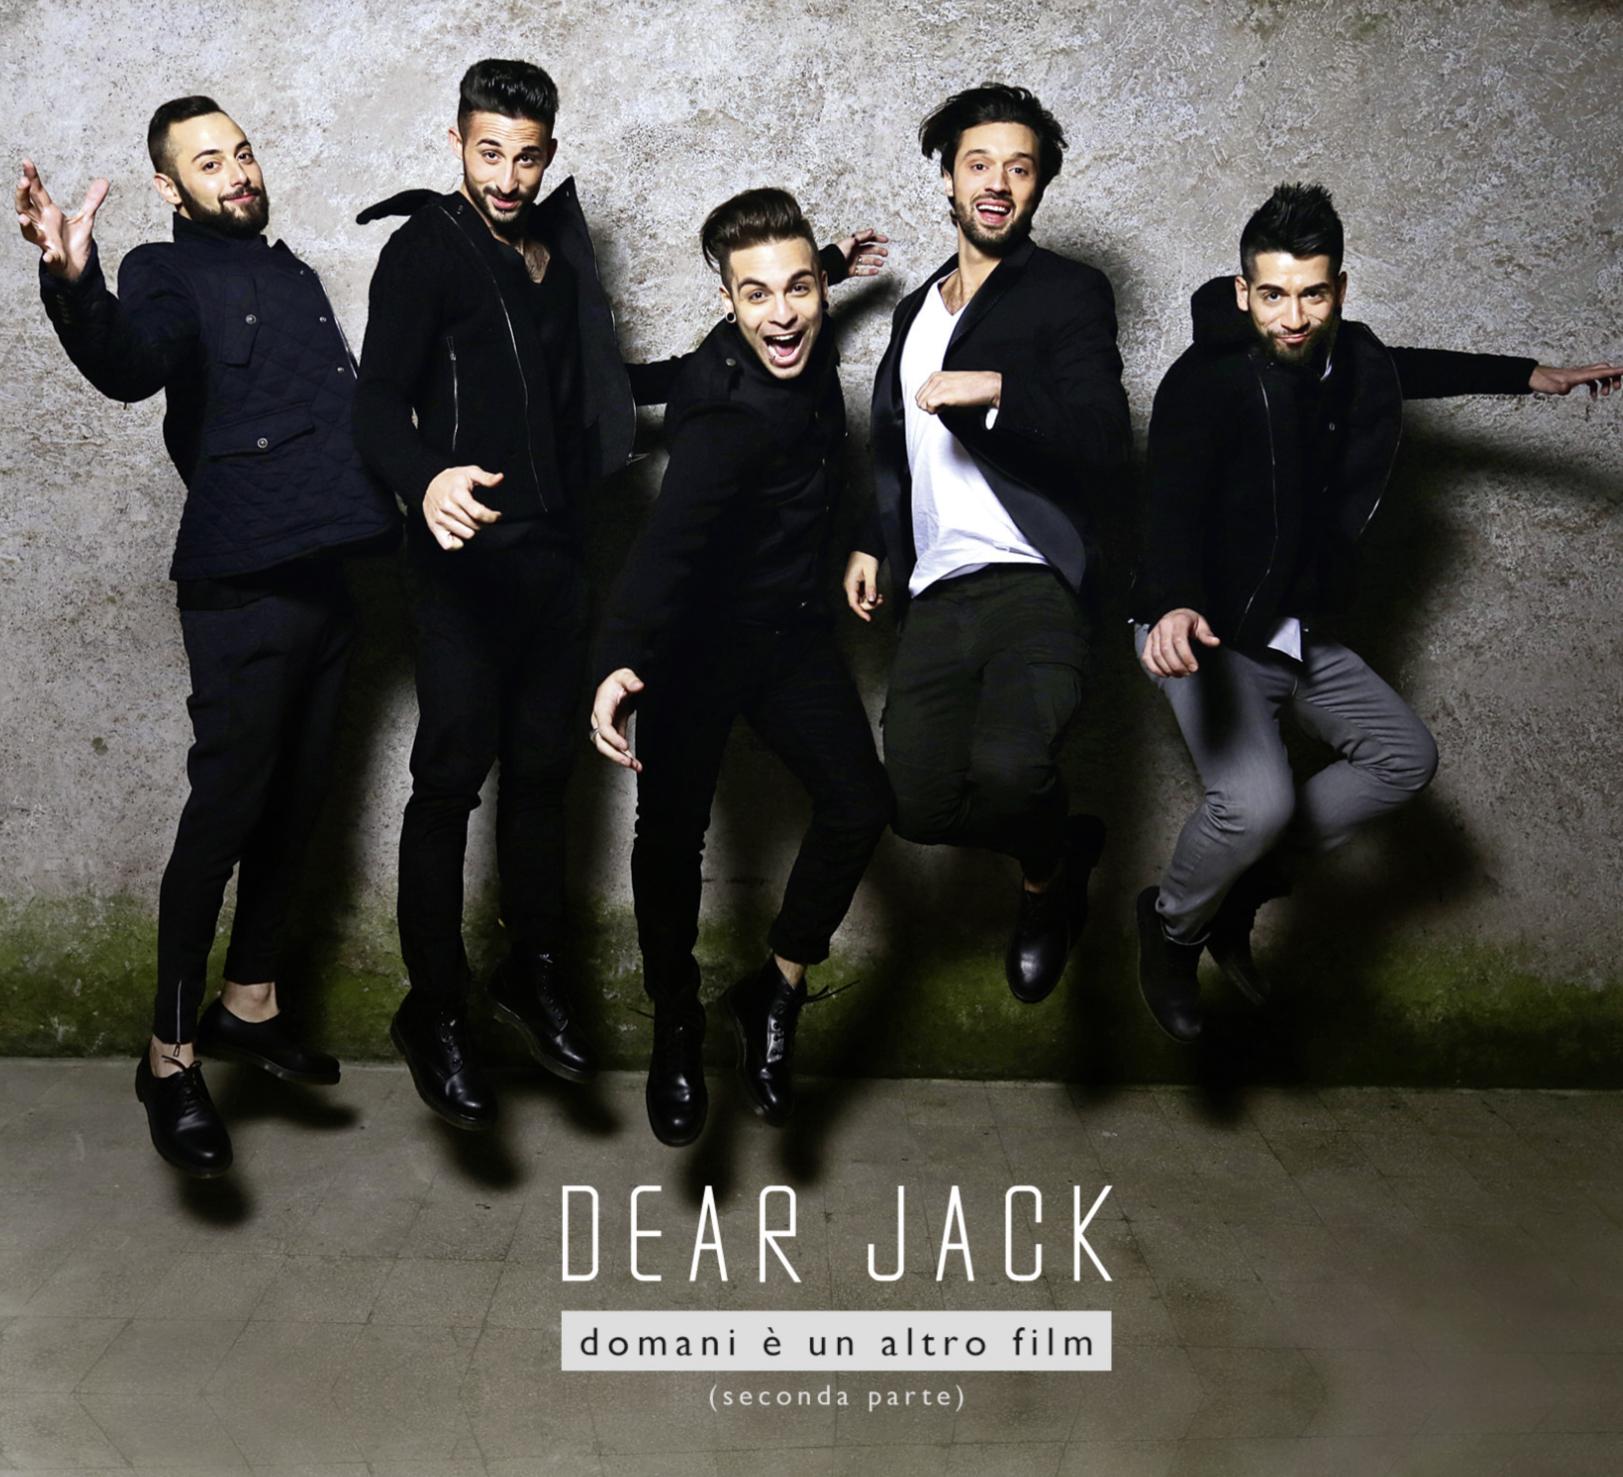 """I Dear Jack trionfano tra gli album sanremesi, """"Domani è un altro film – Seconda parte"""" è il più venduto"""